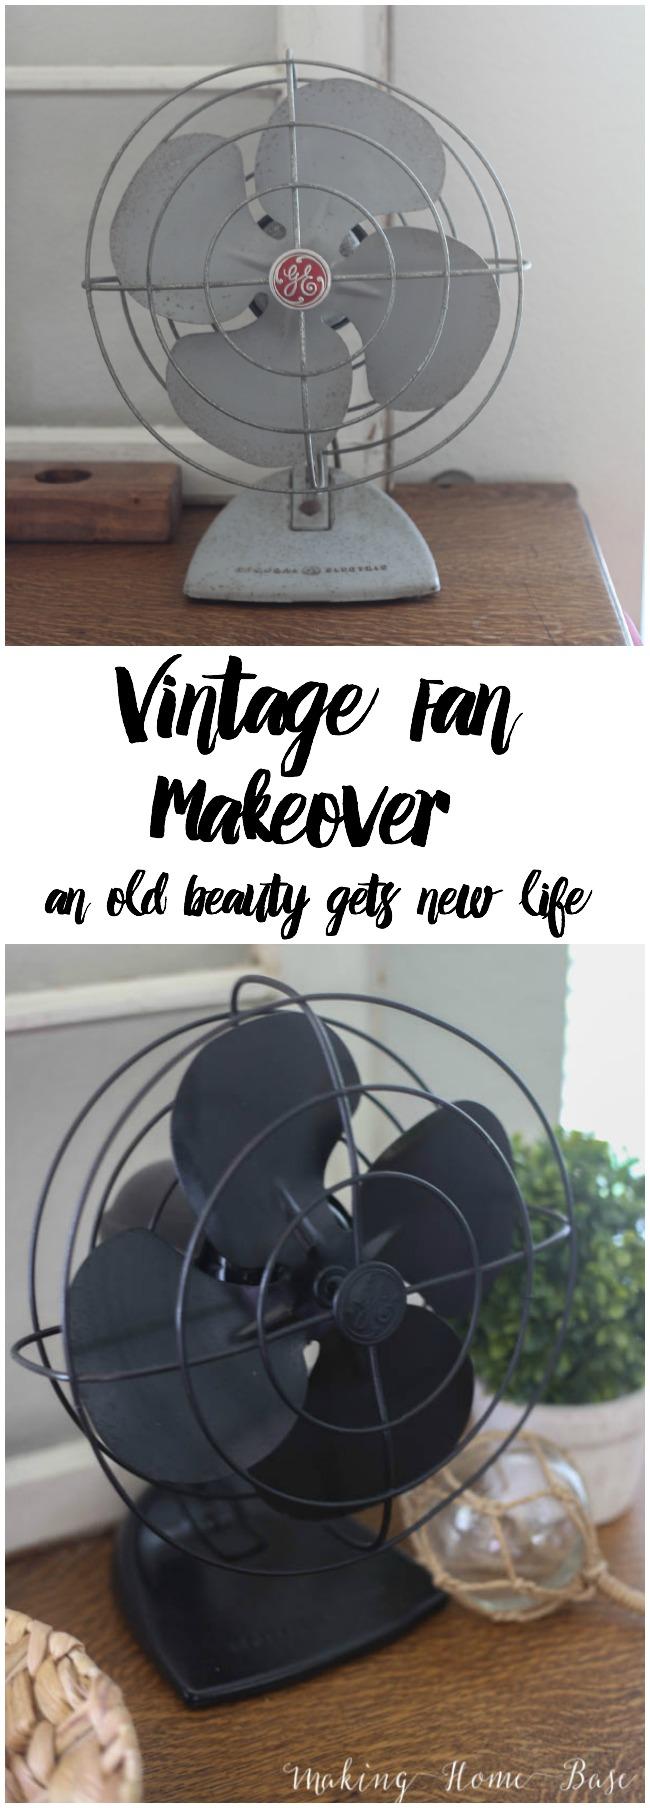 vintage fan makeover